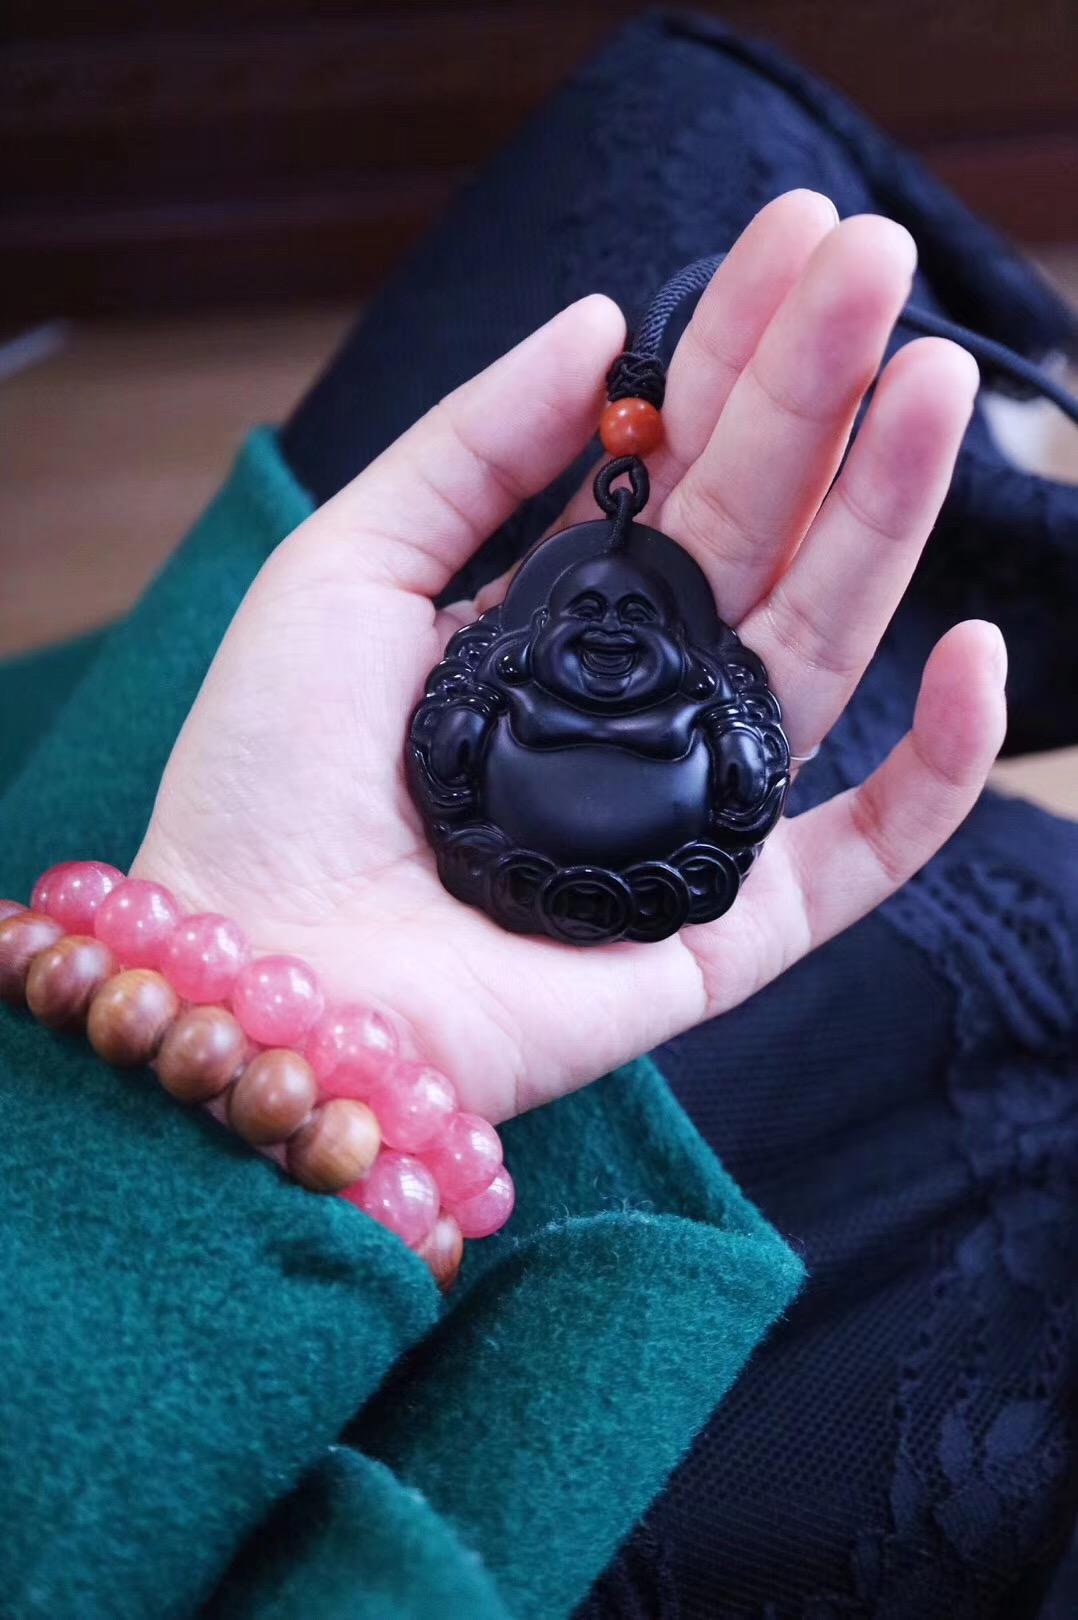 【菩心·黑曜石大弥勒佛精雕挂件】爱上了他的笑,想要拥有它-菩心晶舍